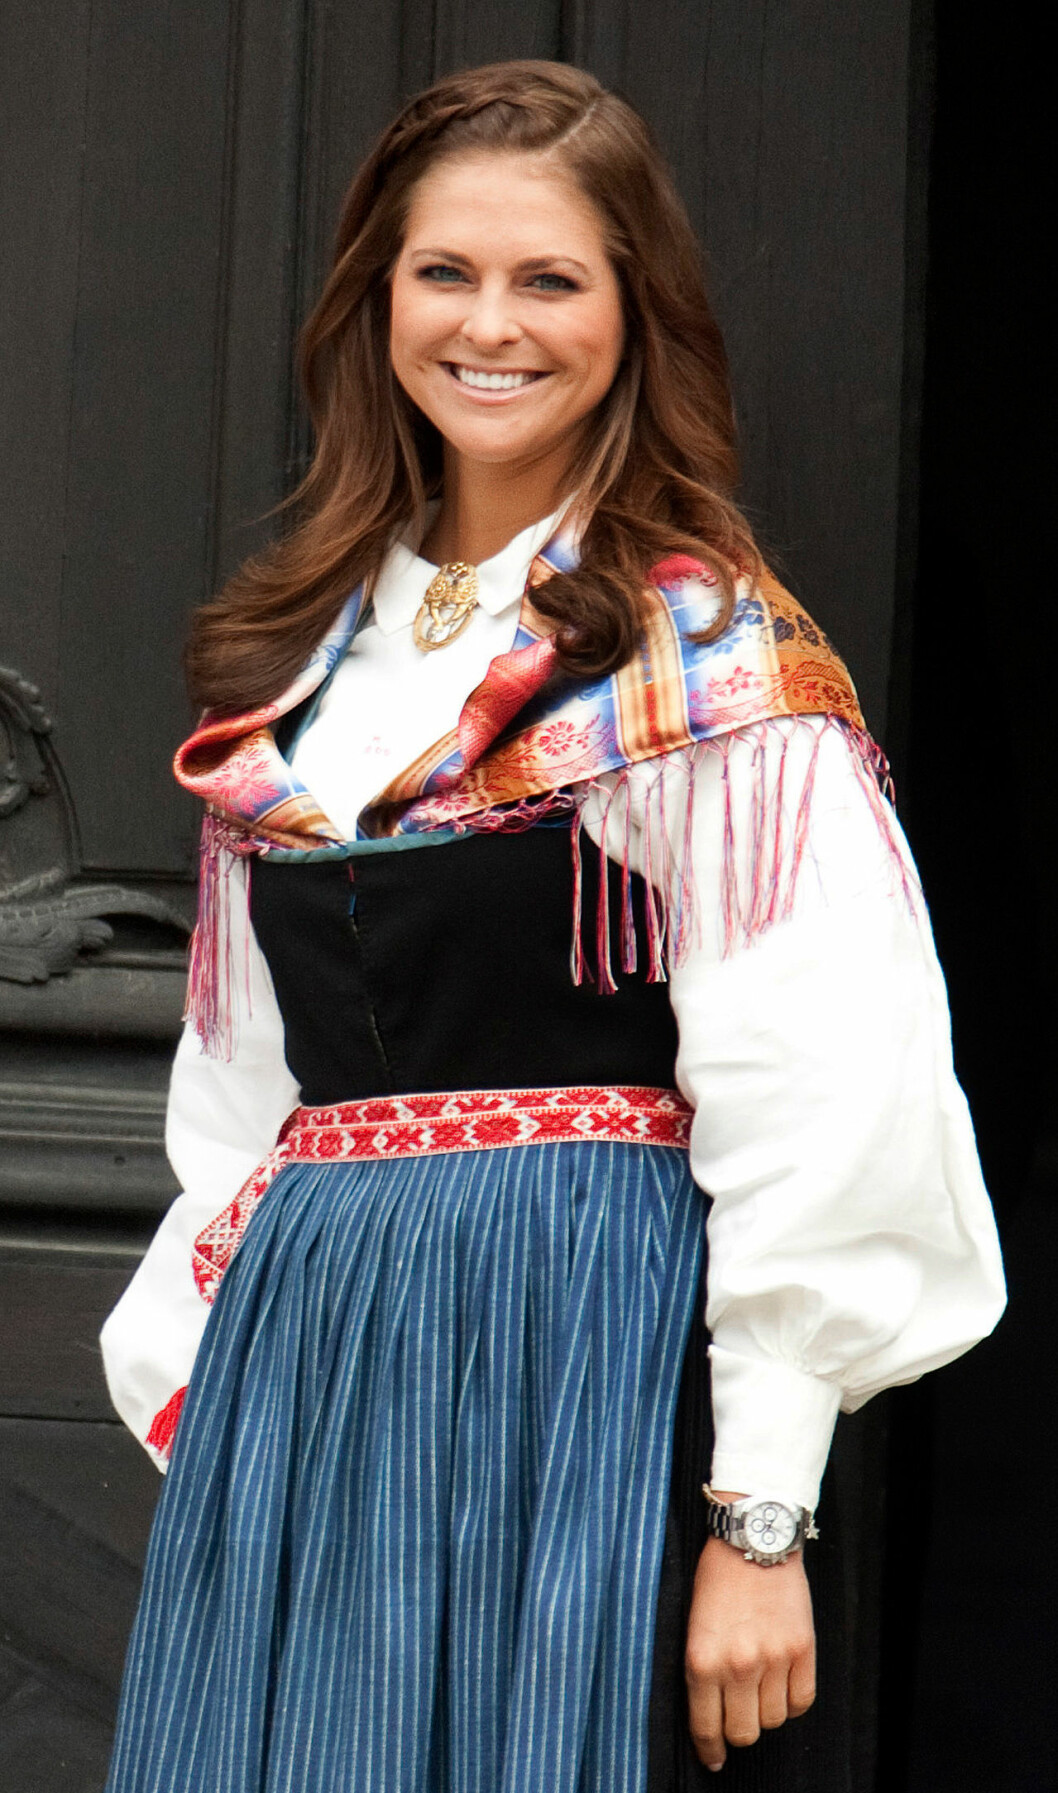 Prinsessan Madeleine, hertiginna av Gästrikland och Hälsingland, i sin Hälsingedräkt.